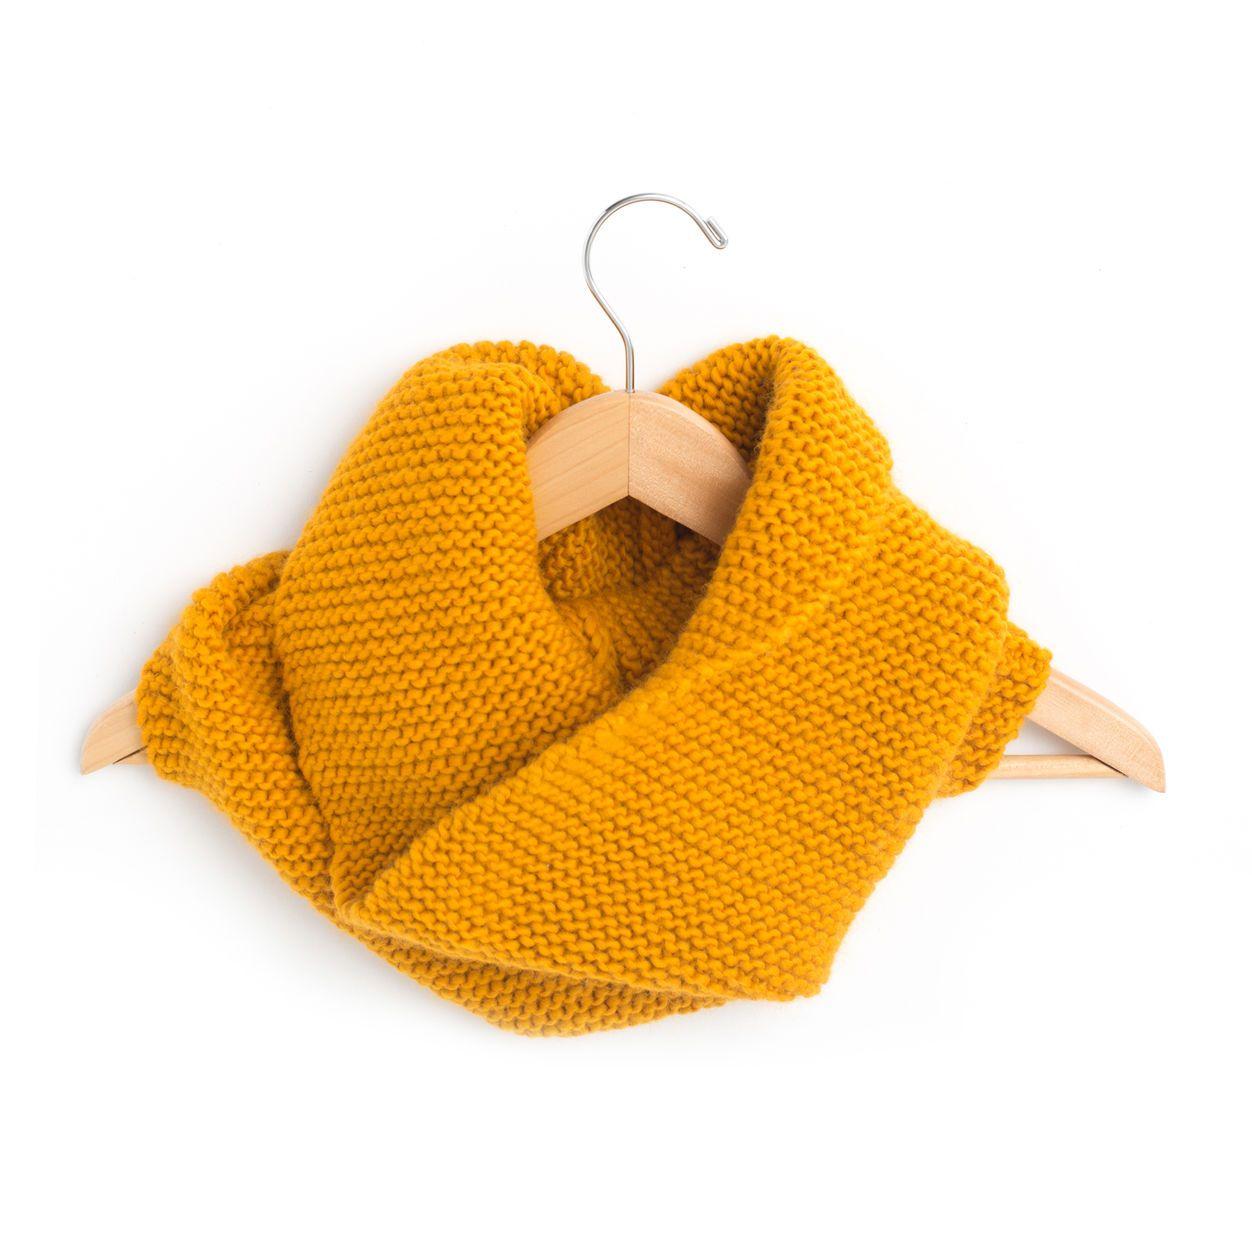 Patons Garter Stitch FREE Cowl Knitting Pattern | Knit ...